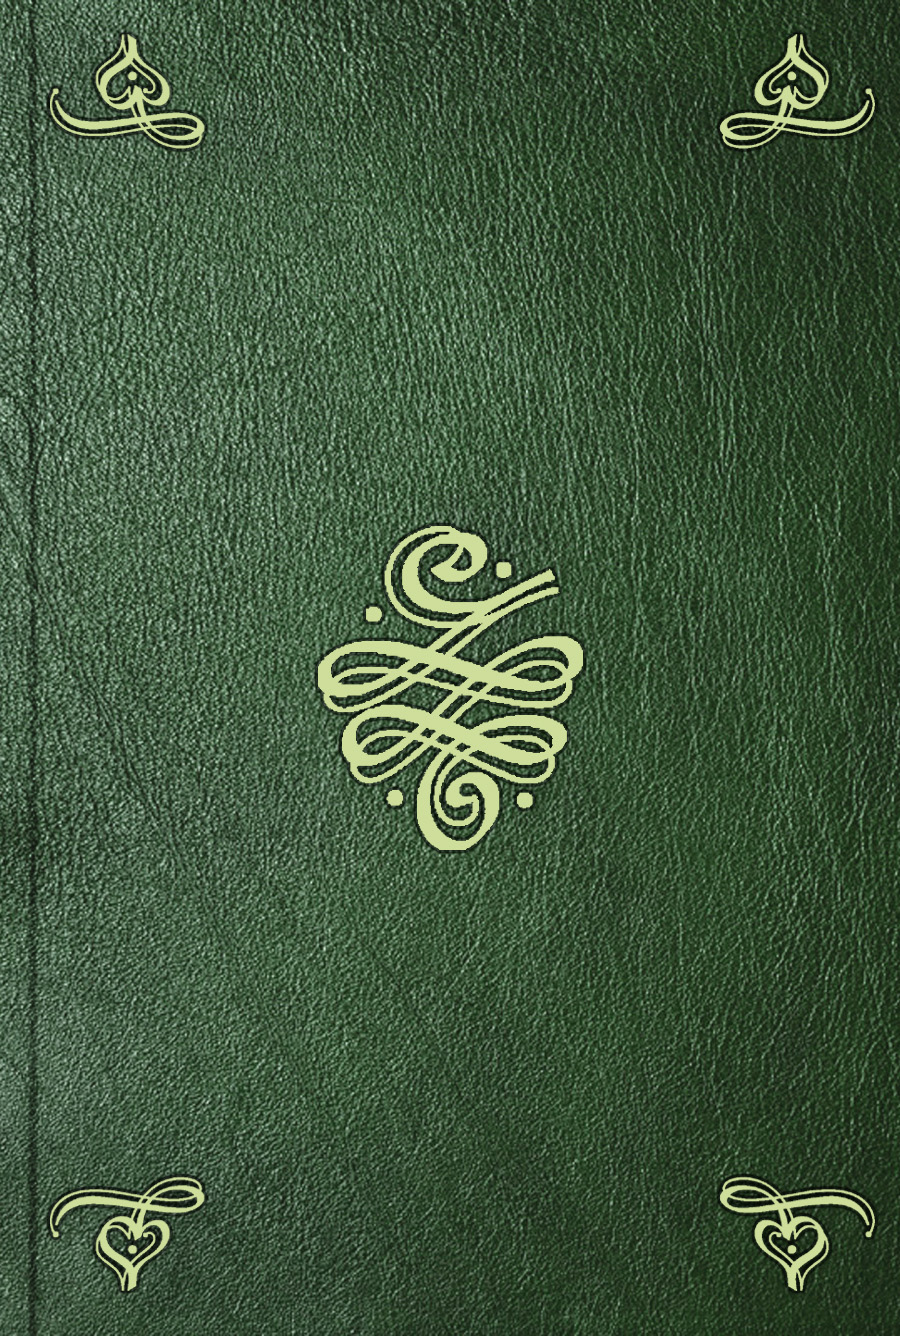 Aubin Louis Millin Dictionnaire des Beaux-arts. T. 2 beaux arts trio джон роджерс joan rodgers beaux arts trio shostakovich piano trios 7 romances